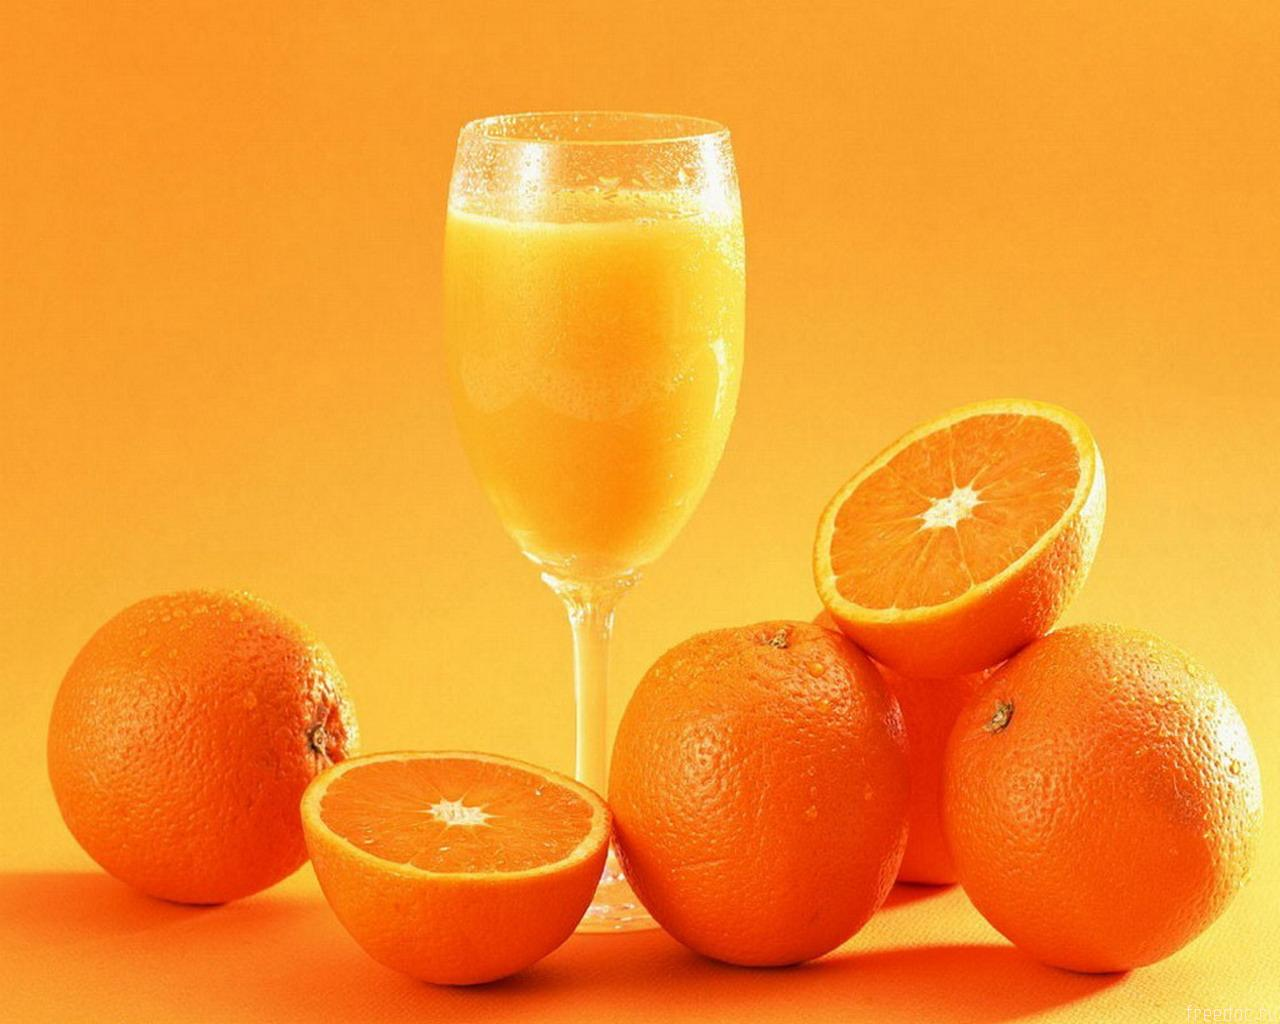 апельсиновый сок и апельсины, фото, обои на рабочий стол